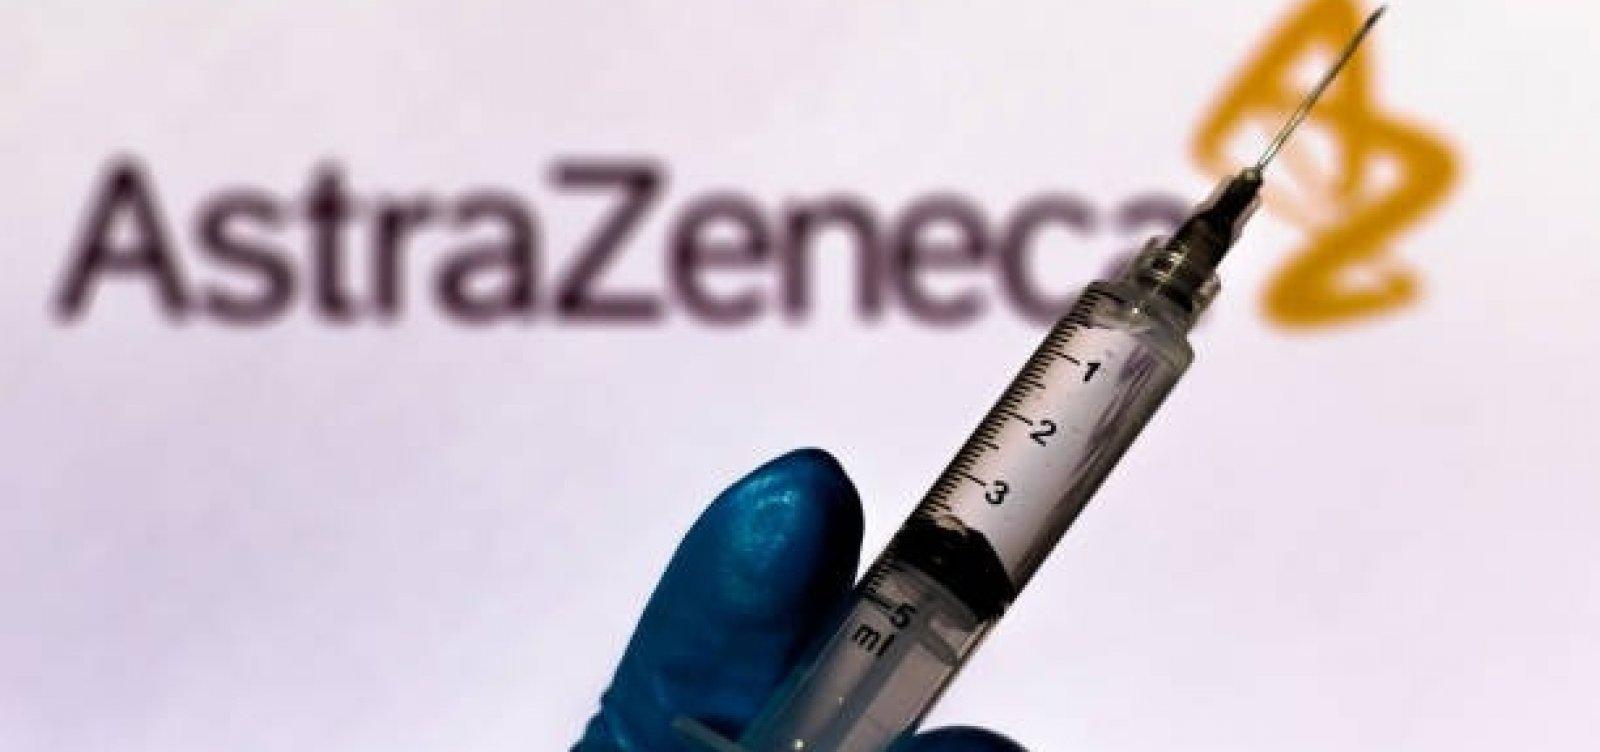 Ministério enviou 1,2 mil doses vencidas de vacina ao país; Salvador pode ter aplicado